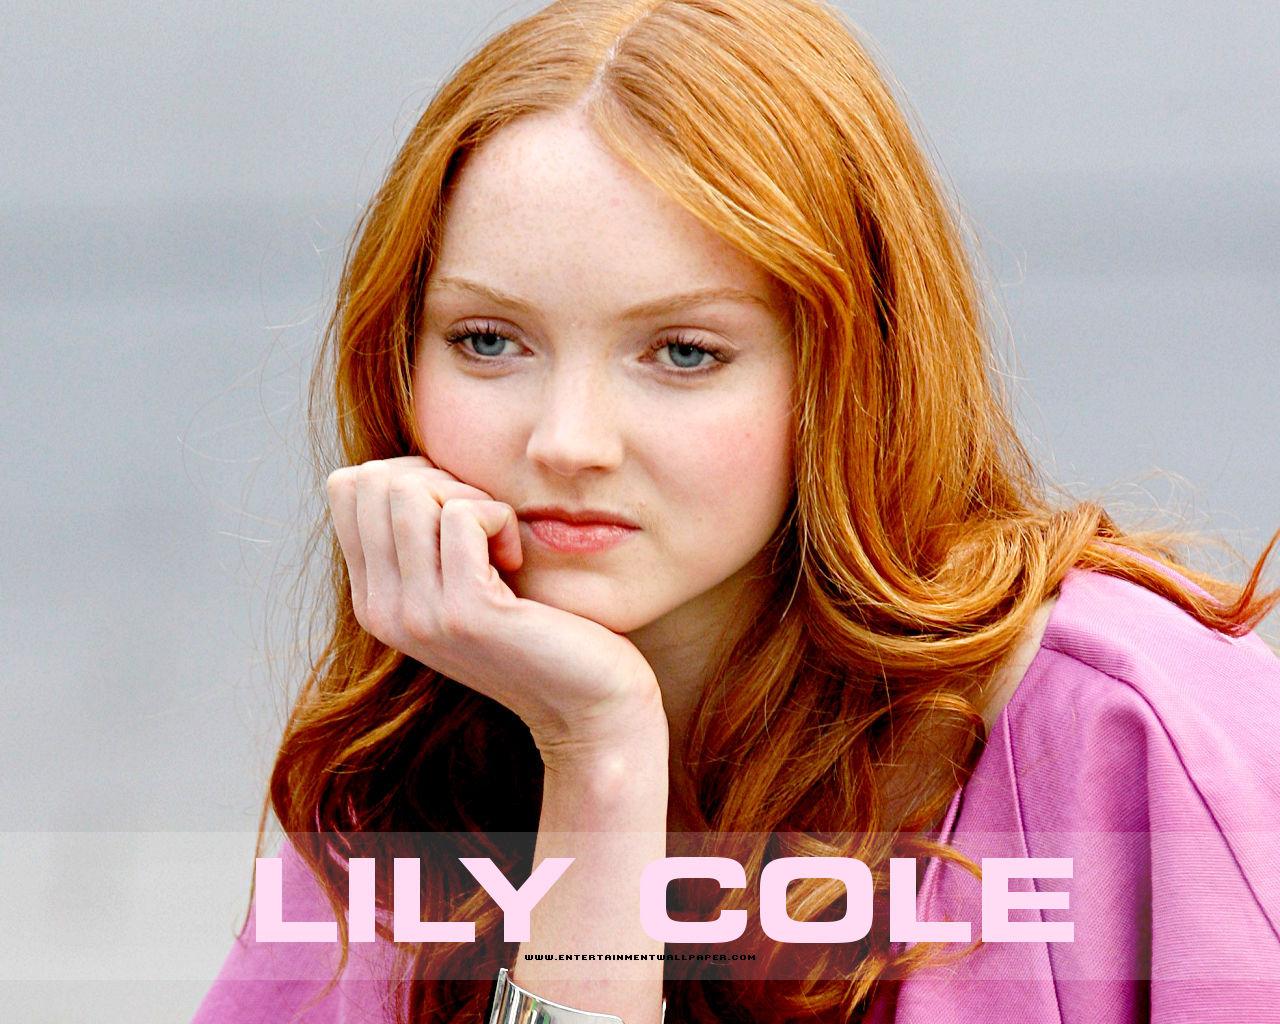 http://4.bp.blogspot.com/-HVwjtZeoLBQ/T8YYmyWDK9I/AAAAAAAAFEs/03jjepzYo0k/s1600/lily_cole02.jpg